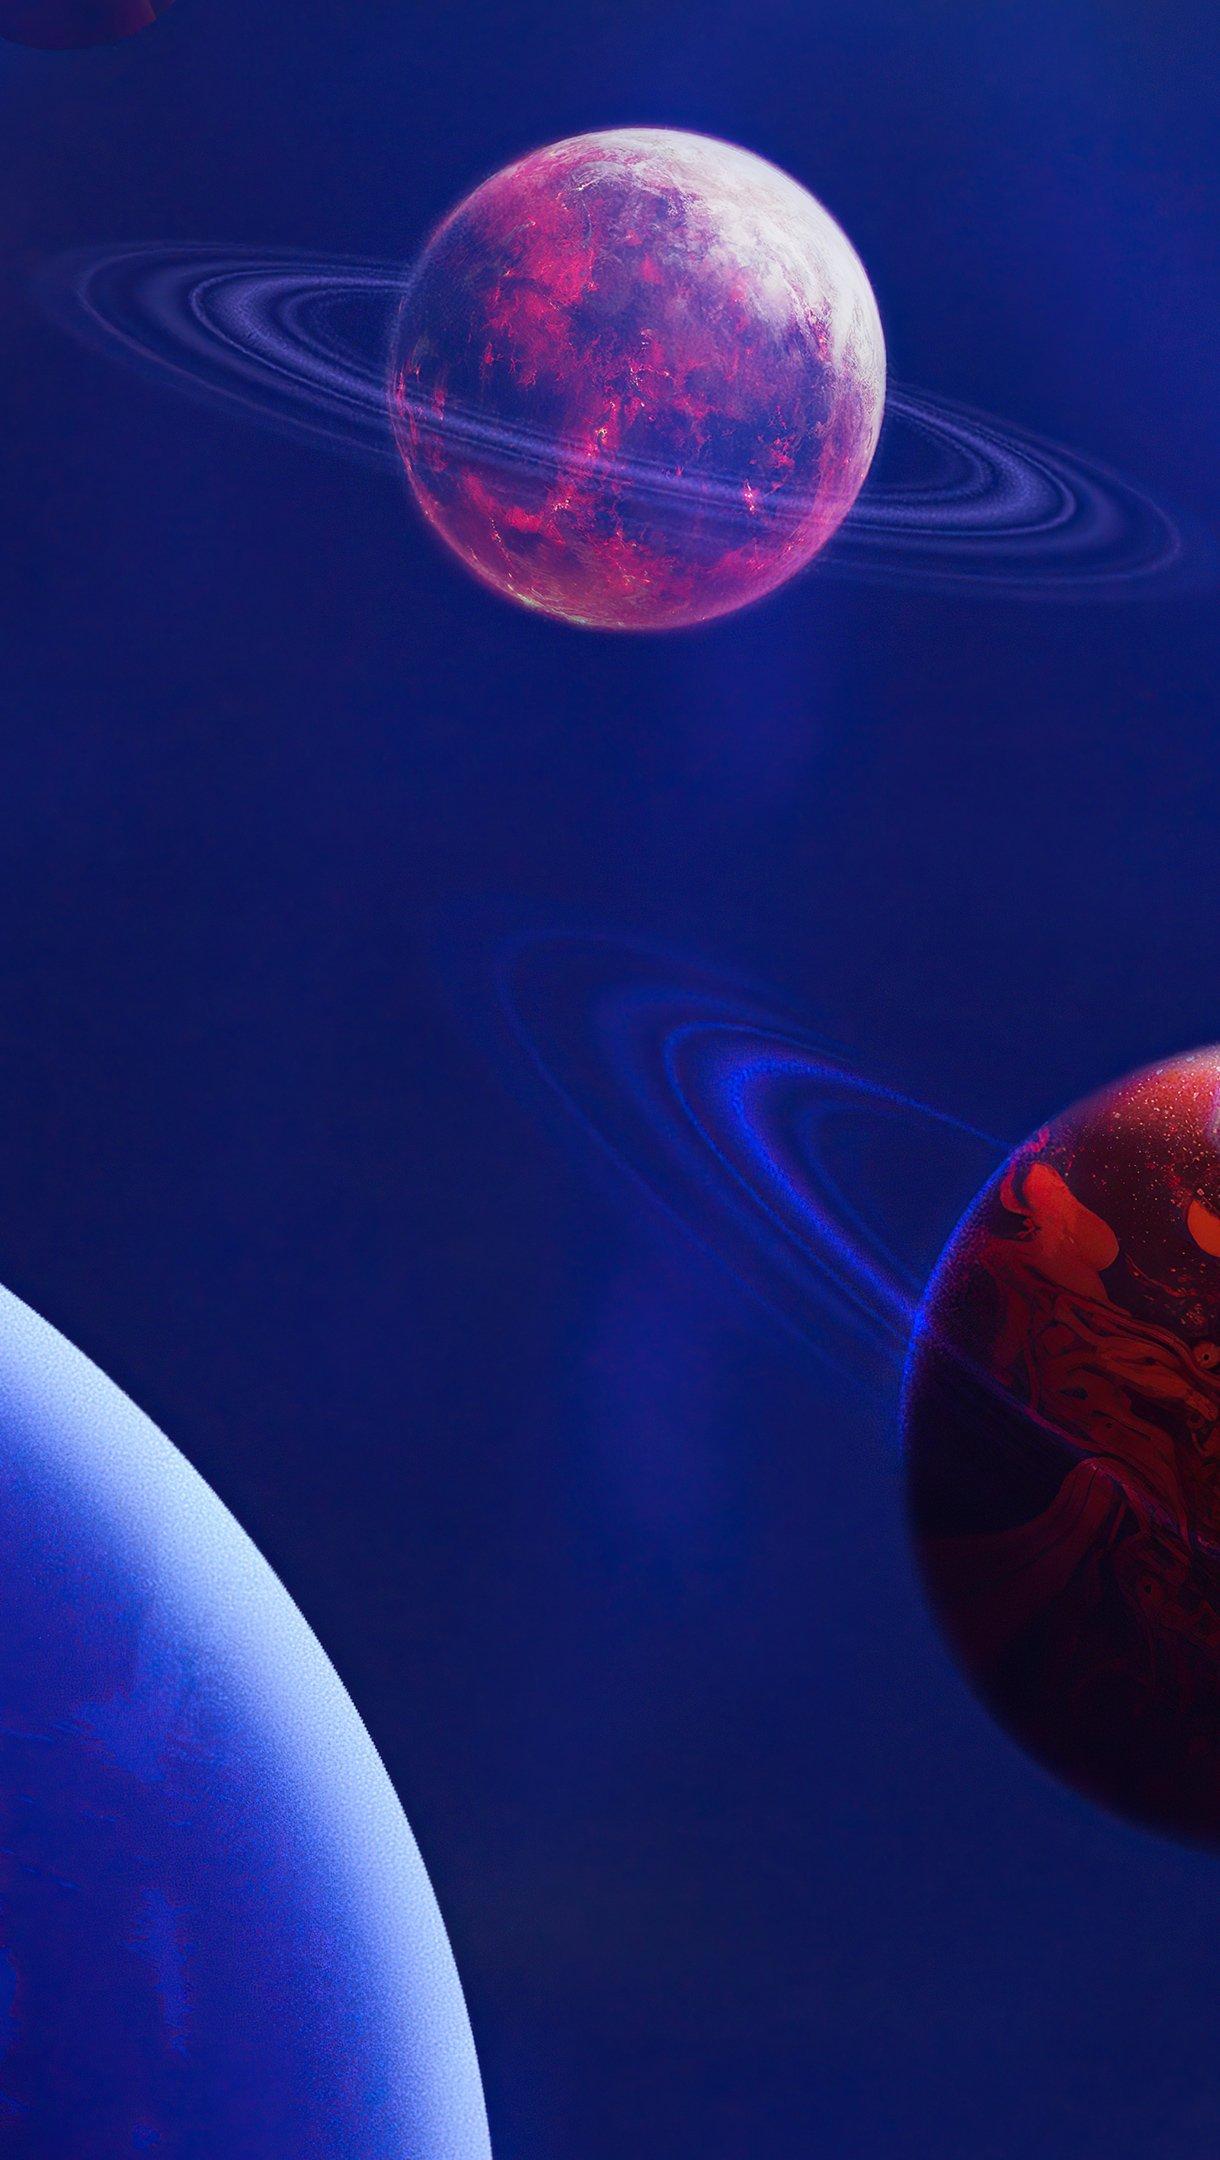 Fondos de pantalla Planetas digitales Vertical